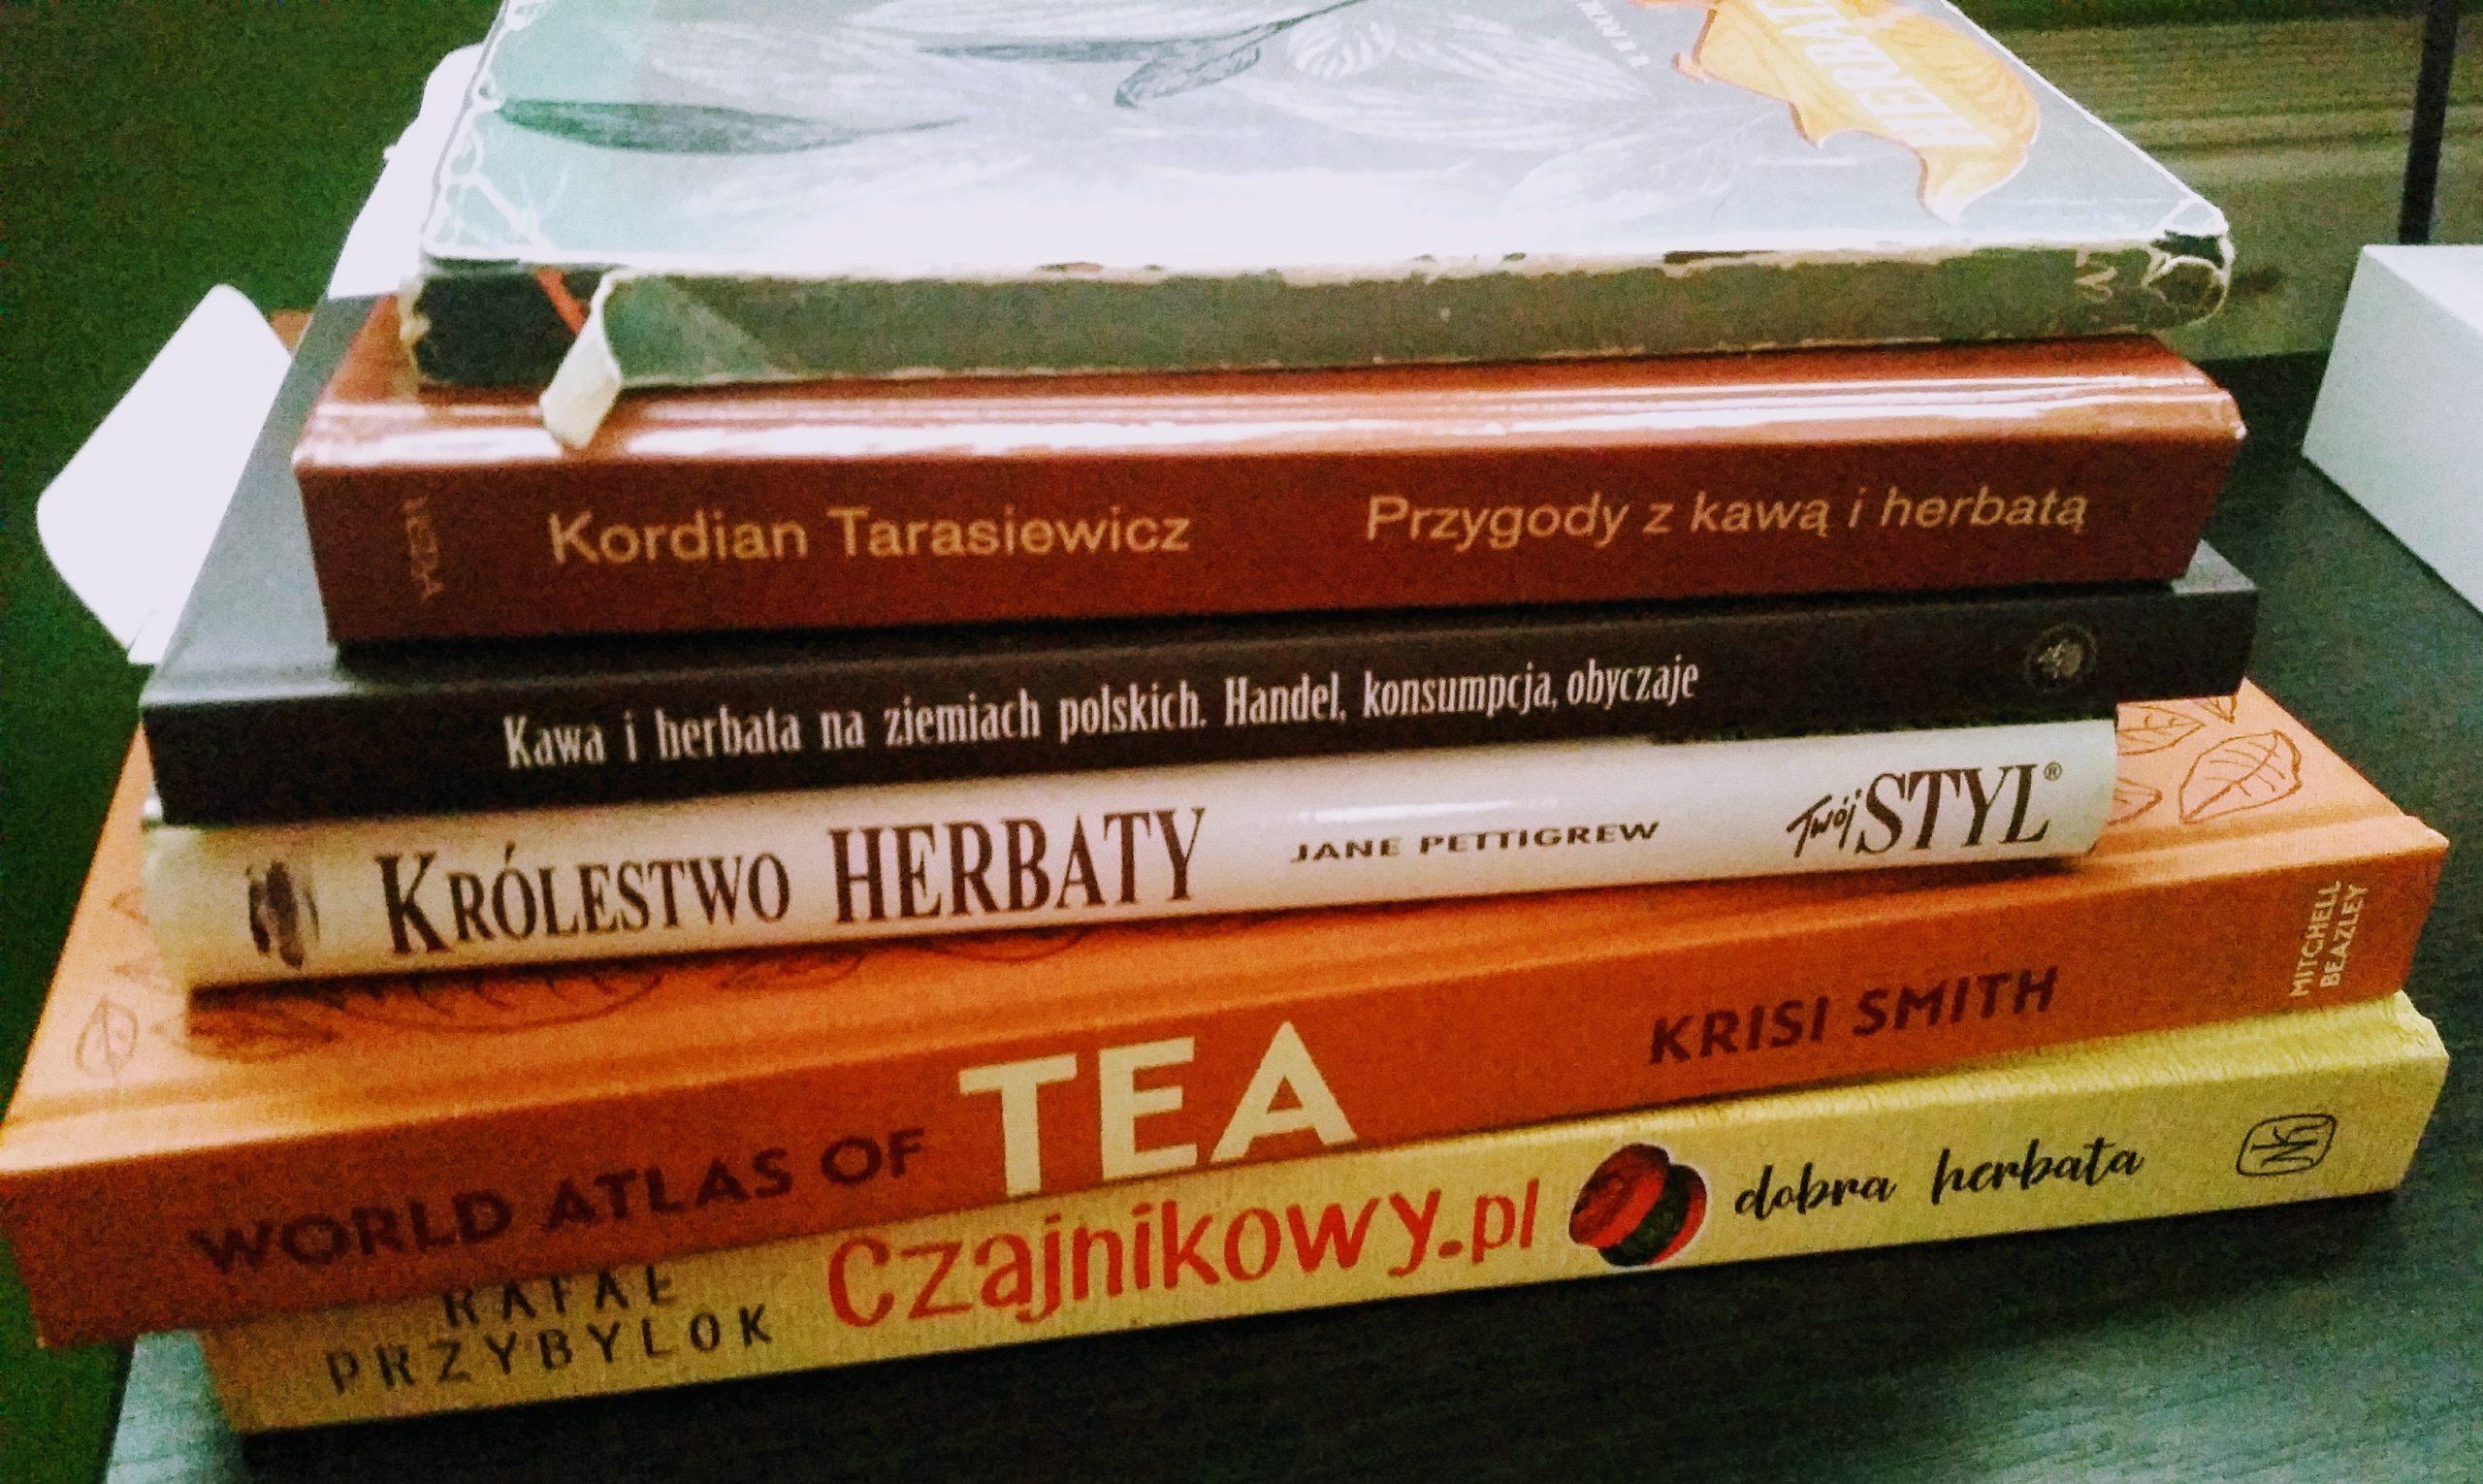 Książki oherbacie popolsku iangielsku